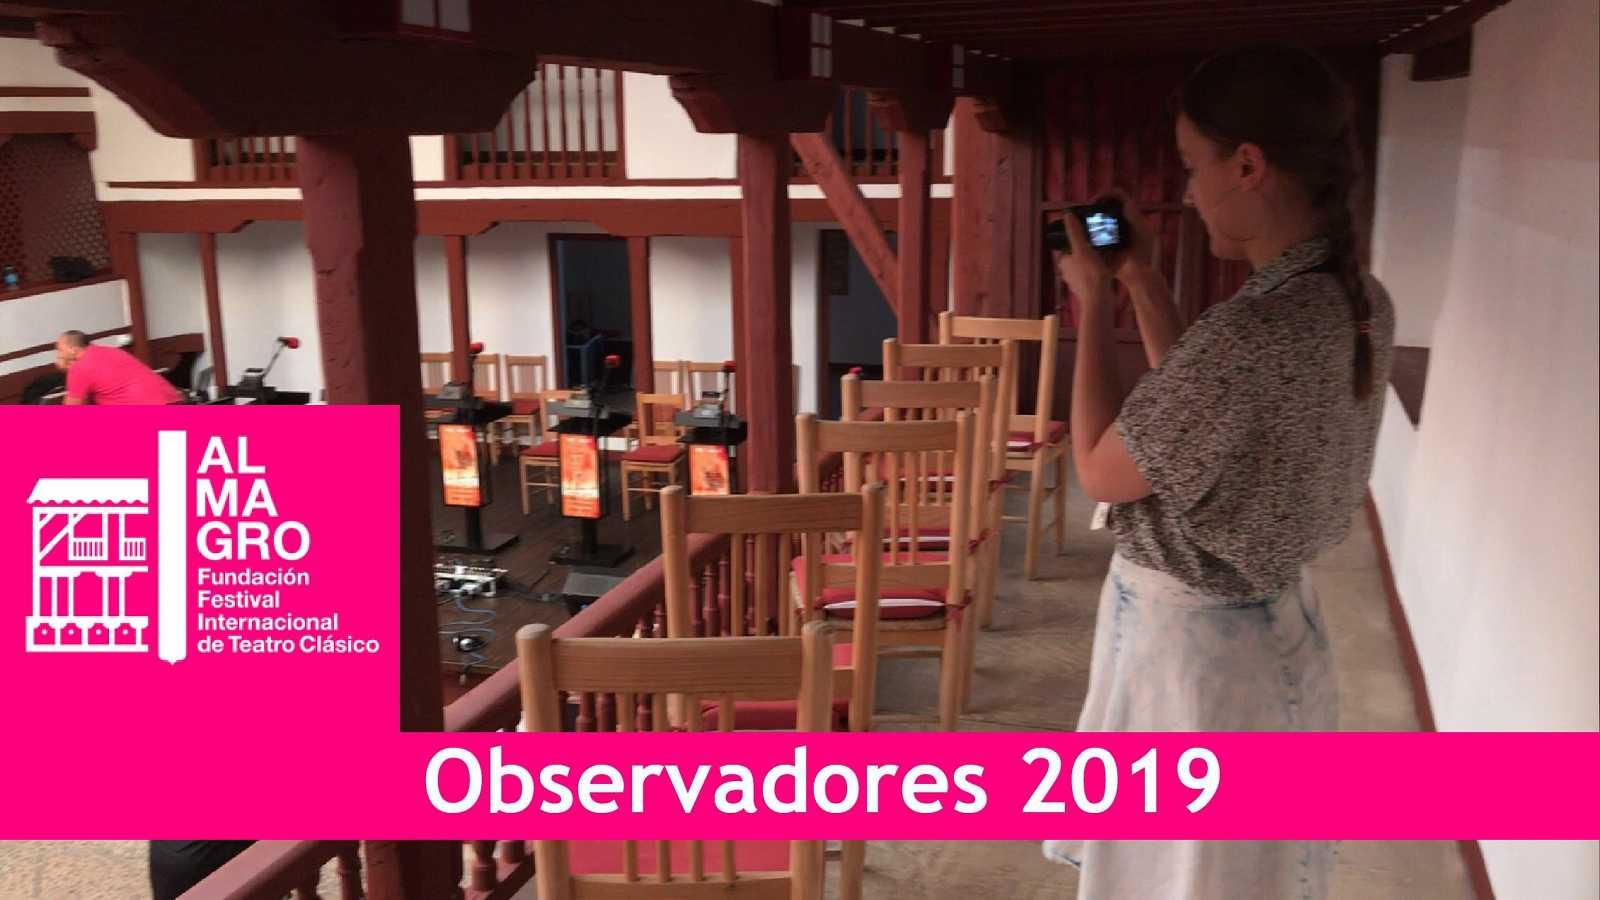 Almagro 2019 - Making of Comunicación Colaborativa en Almagro 2019